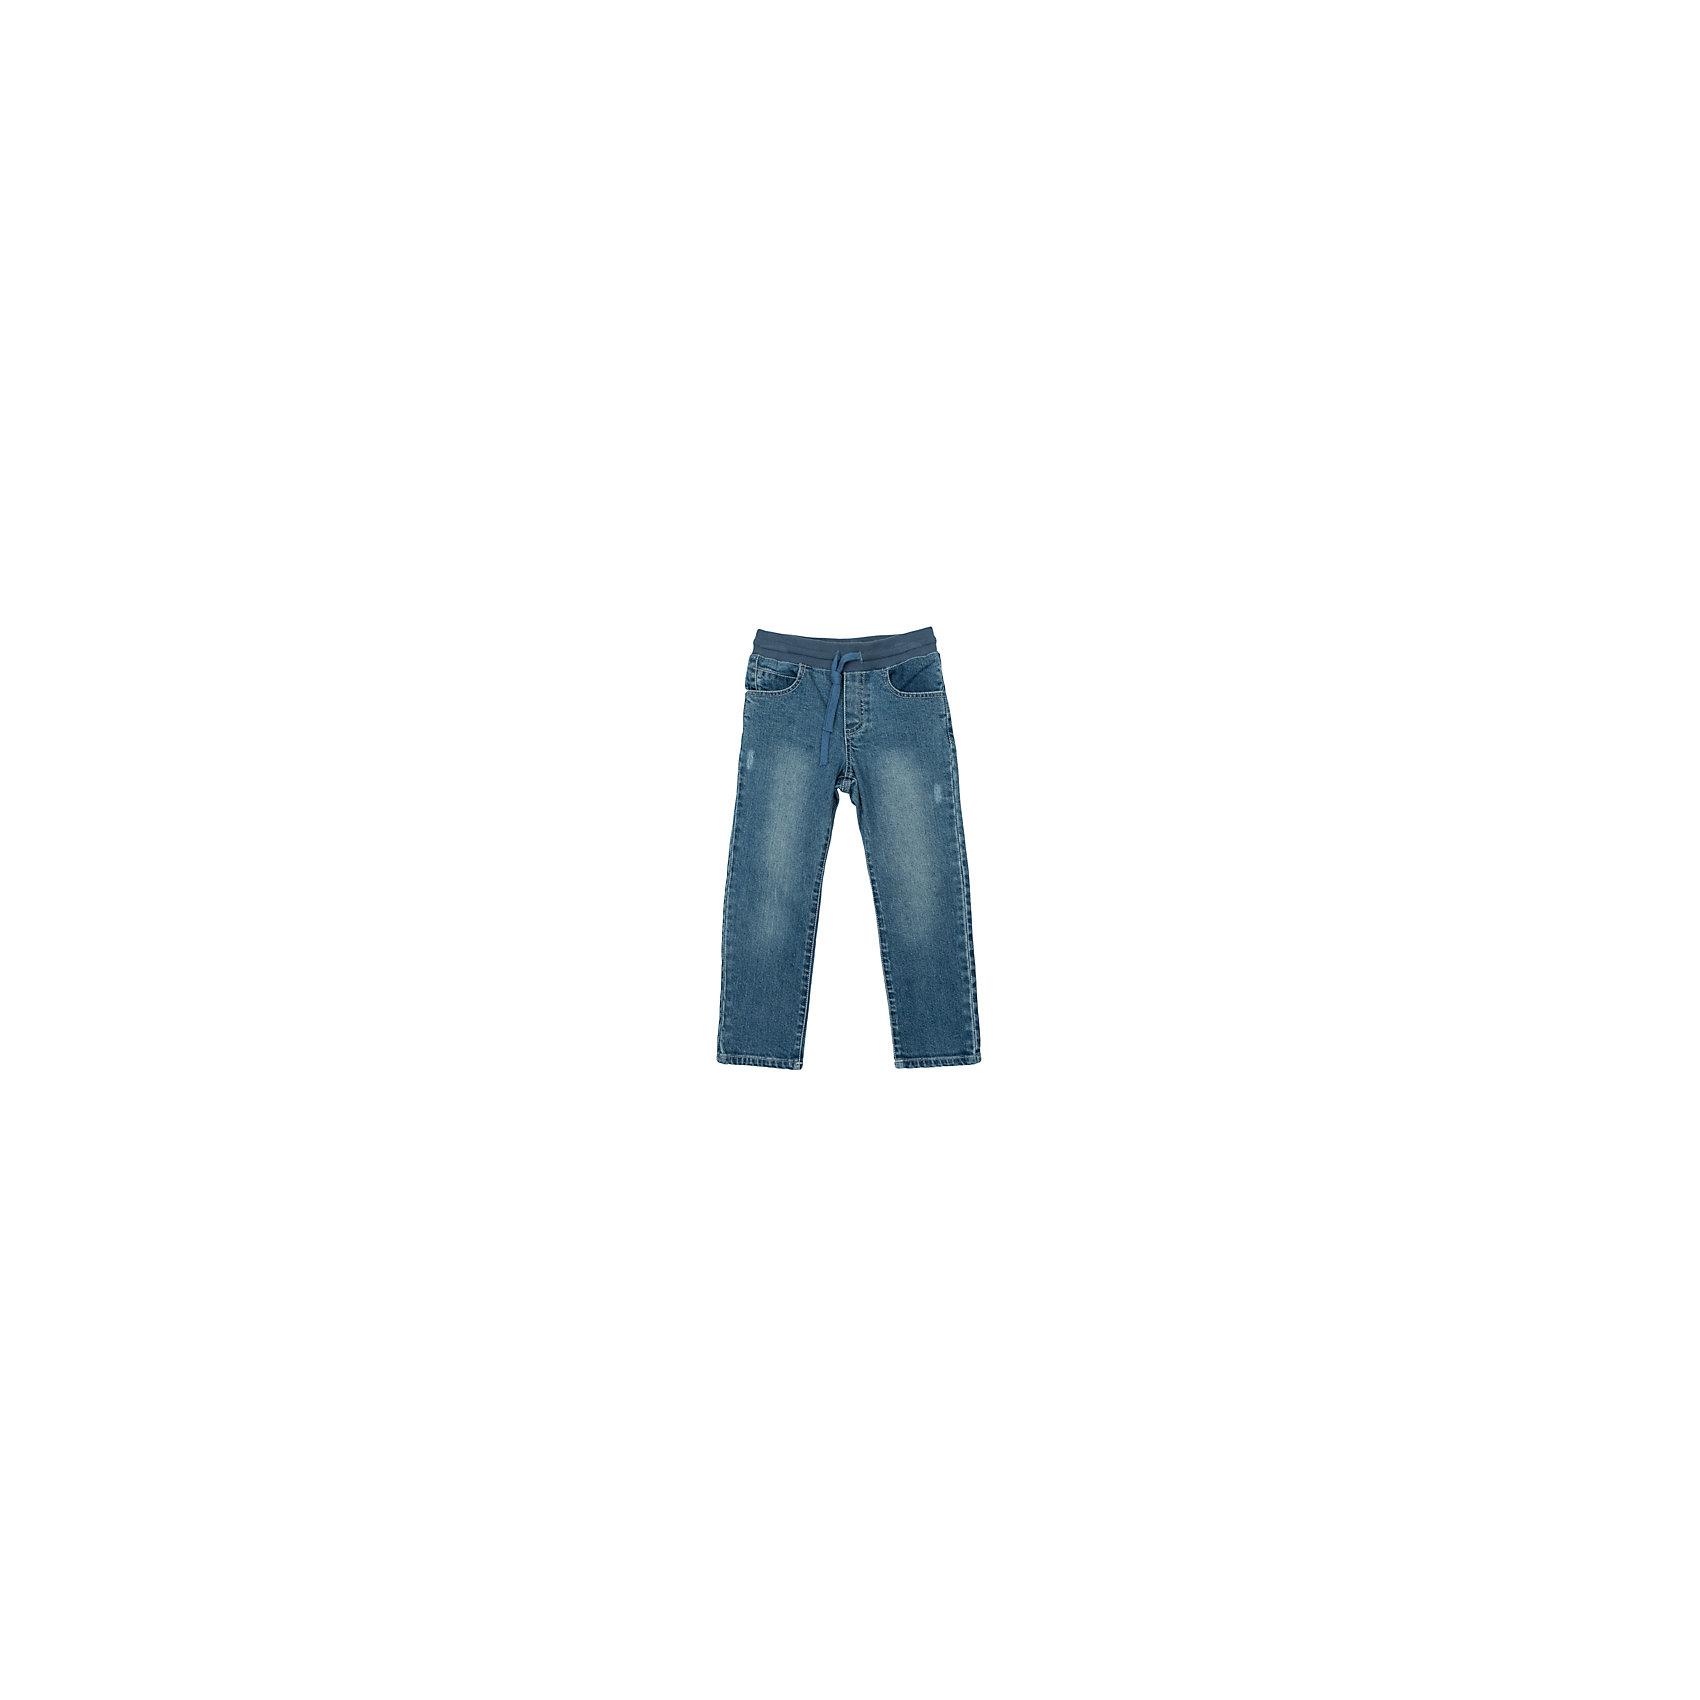 Джинсы для мальчика PlayTodayДжинсы для мальчика от известного бренда PlayToday.<br>Стильные джинсы прямого кроя. Пояс на резинке, дополнительно утягивается шнурком. Есть 4 функциональных кармана.<br>Состав:<br>98% хлопок, 2% эластан<br><br>Ширина мм: 215<br>Глубина мм: 88<br>Высота мм: 191<br>Вес г: 336<br>Цвет: синий<br>Возраст от месяцев: 36<br>Возраст до месяцев: 48<br>Пол: Мужской<br>Возраст: Детский<br>Размер: 104,122,98,116,110,128<br>SKU: 4898271